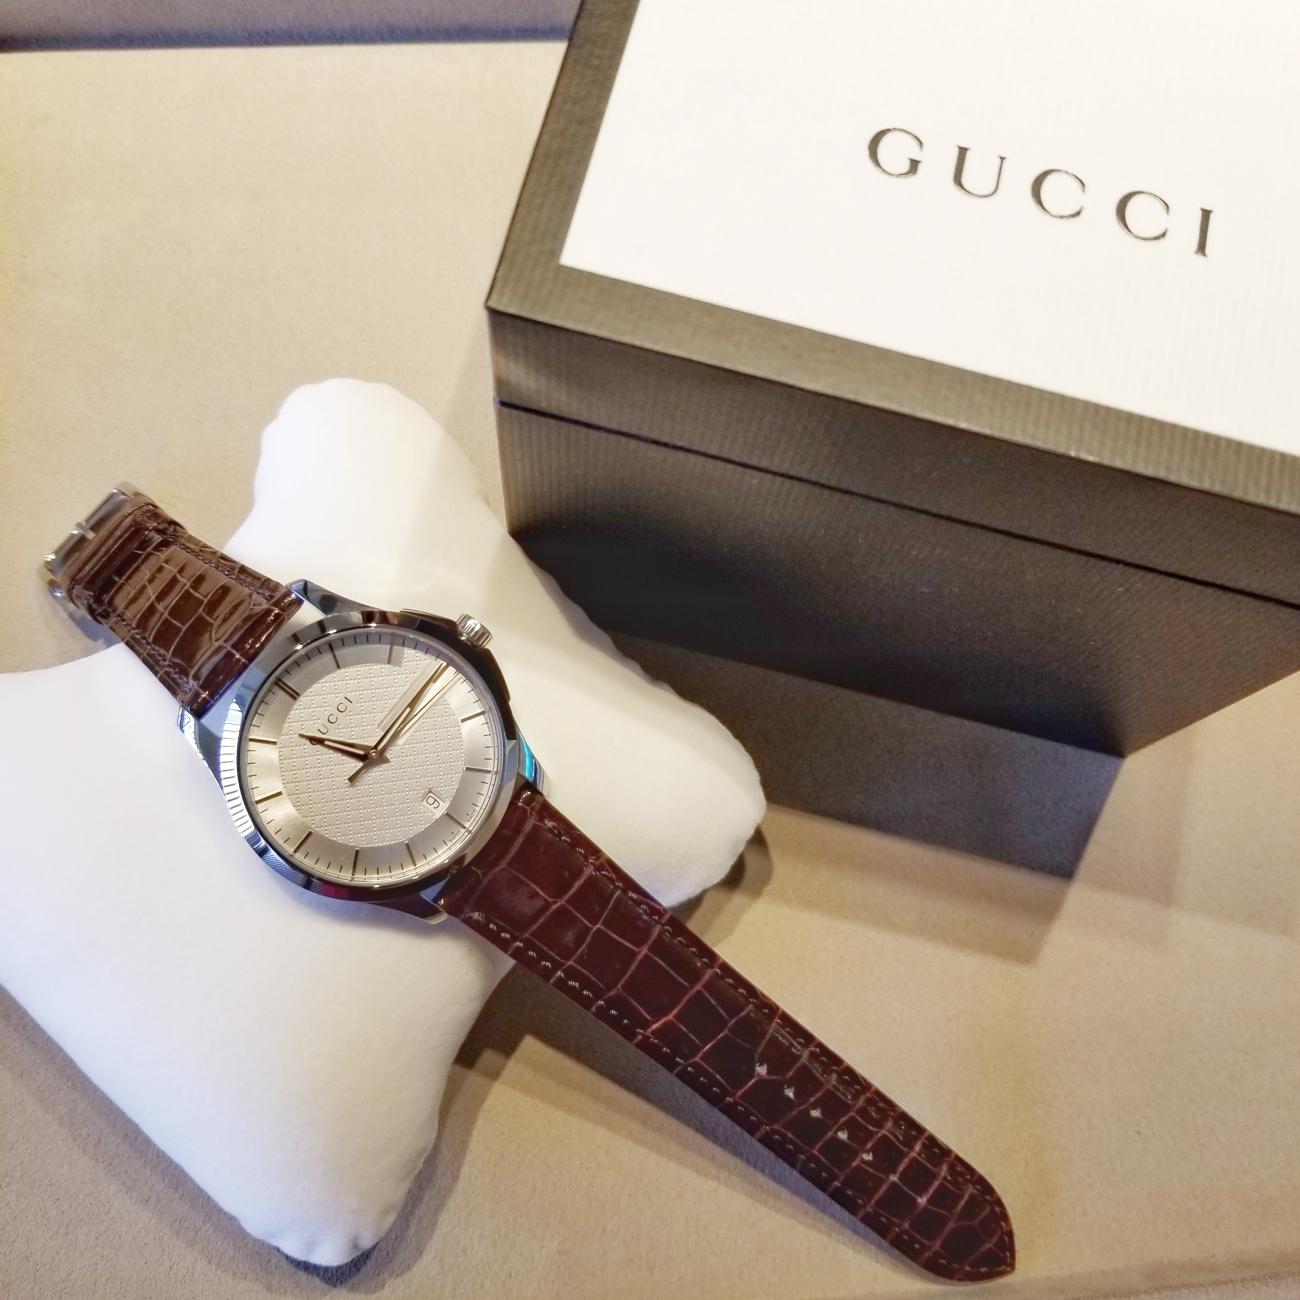 新潟結婚指輪婚約指輪マリッジリングエンゲージリングBROOCHブローチGUCCIグッチ腕時計結納返し両家顔合わせ結婚記念品